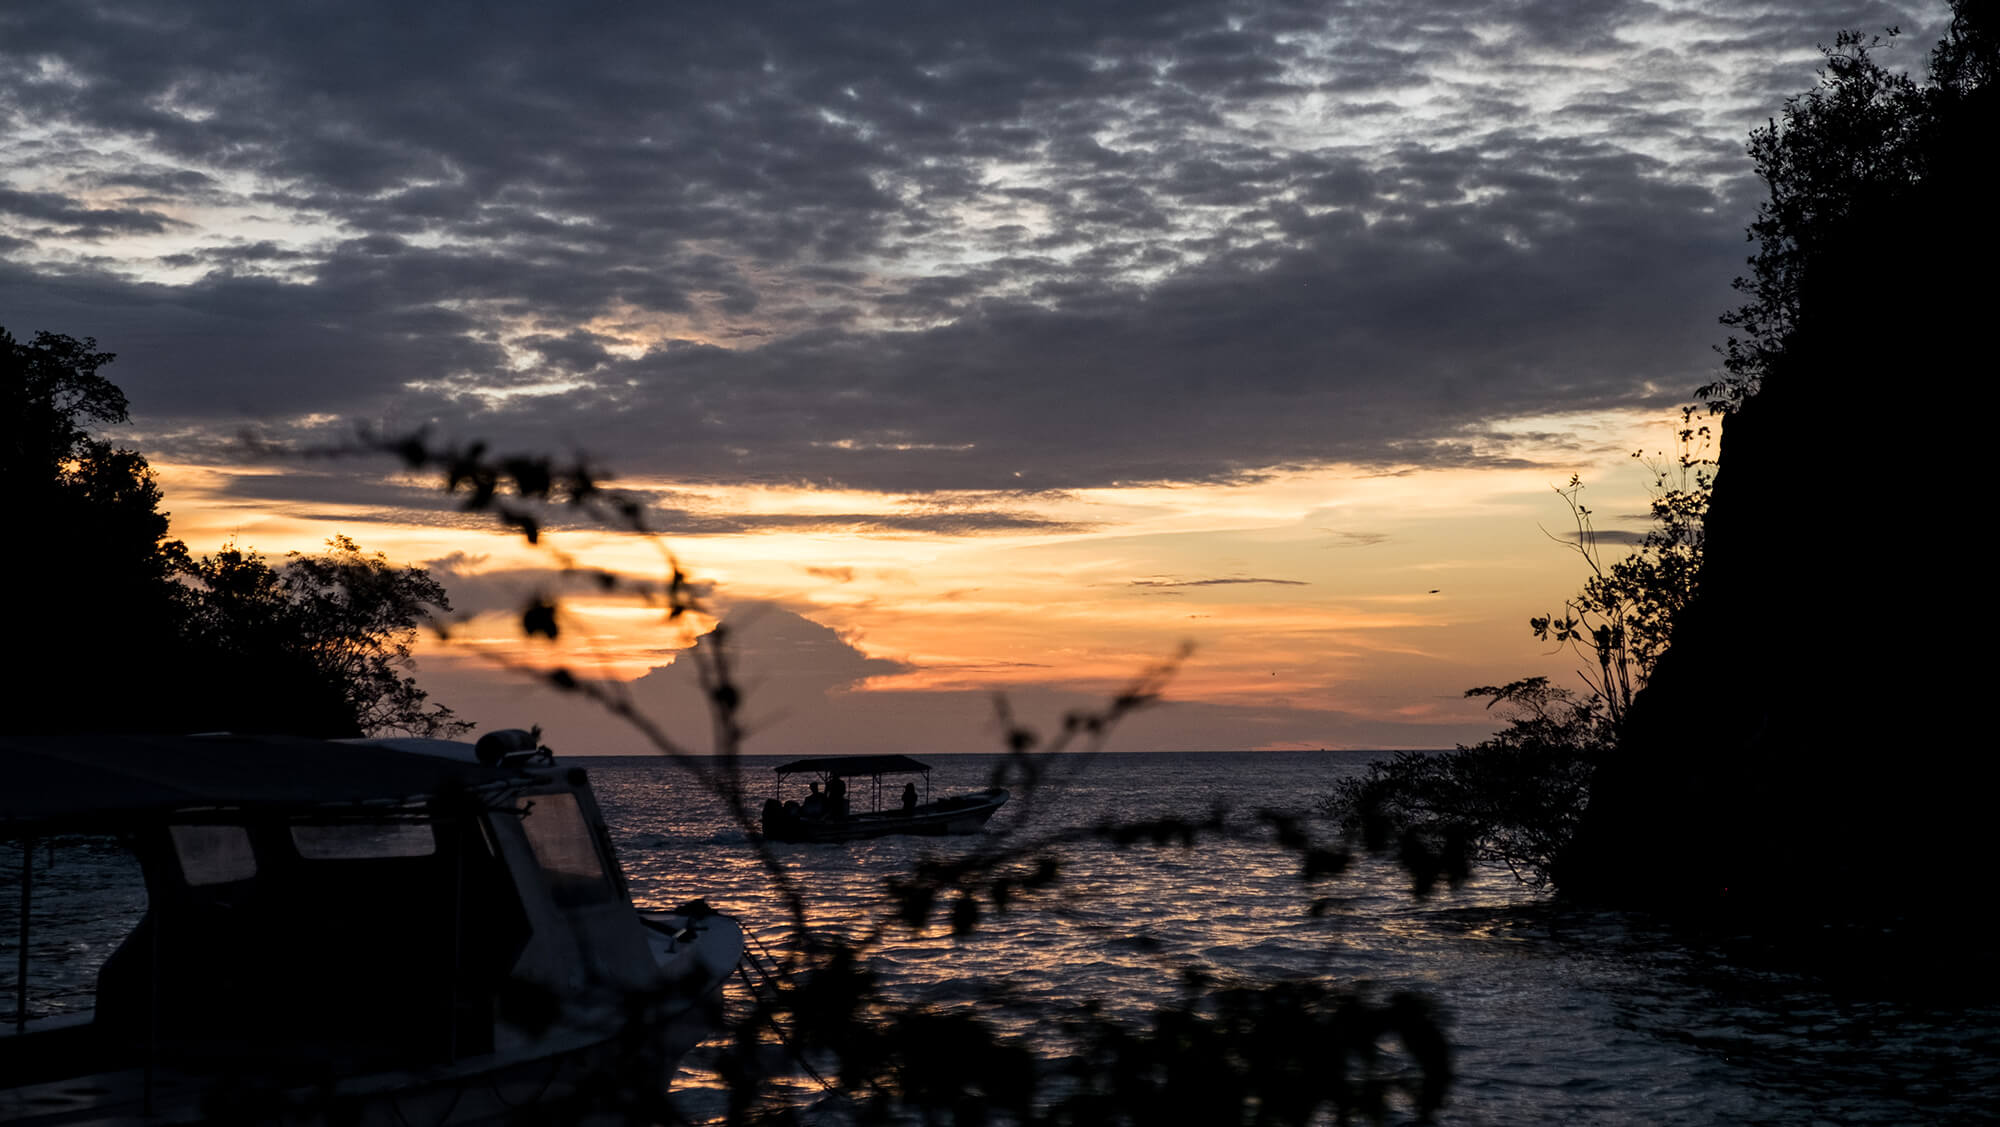 Atardecer con un barco en las islas Togean de Sulawesi